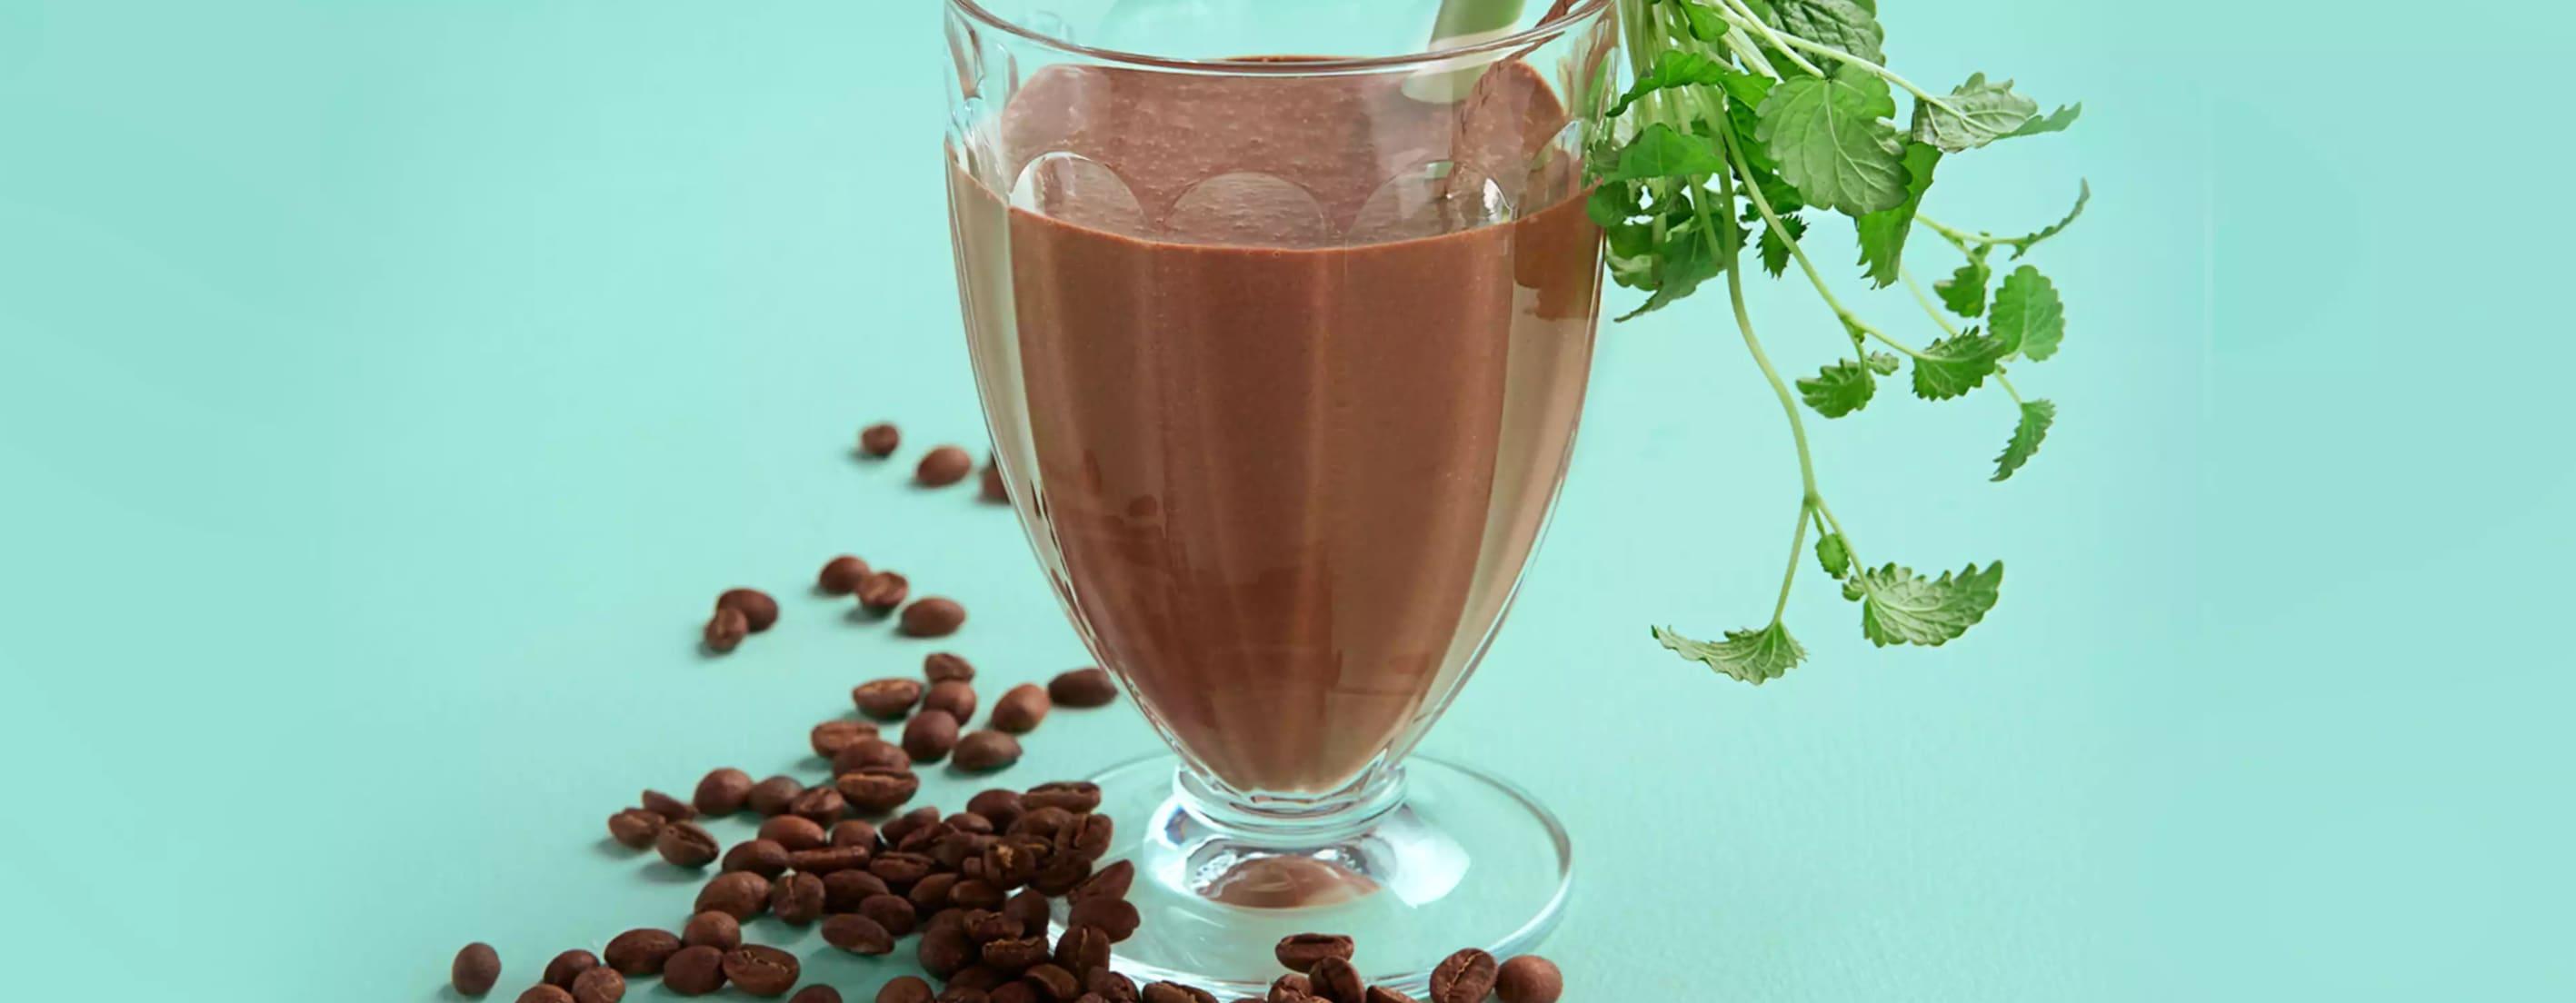 KAKAO MED SPARK: Server gjerne en deilig kakao ved siden av frokosten.